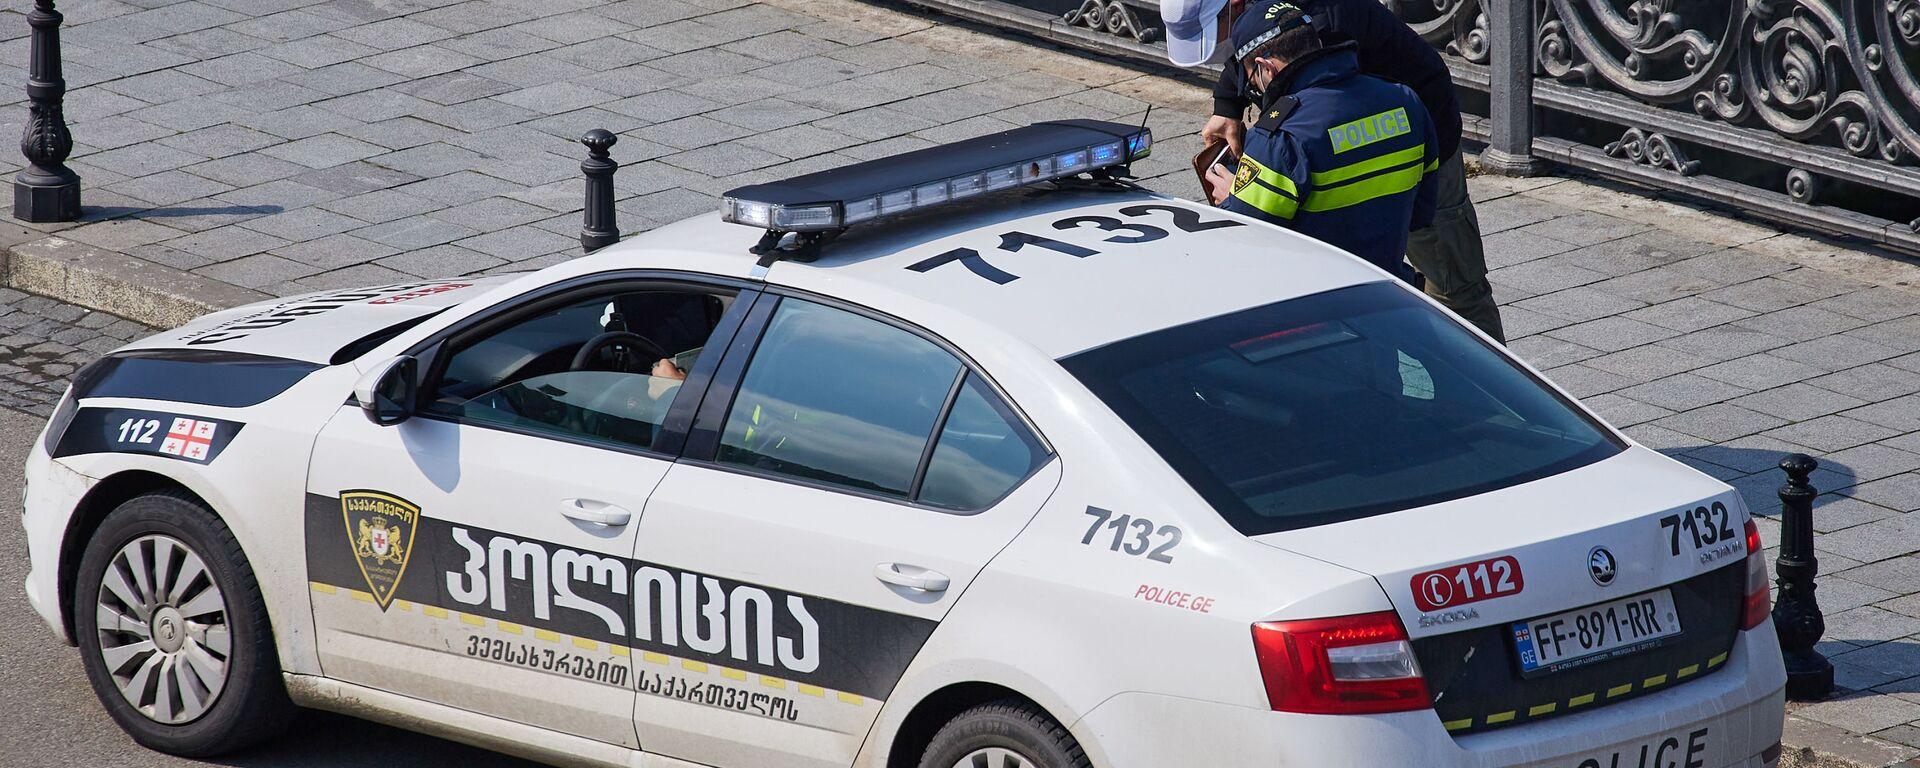 Патрульная полиция штрафует за нарушение правил при пандемии коронавируса - Sputnik Грузия, 1920, 25.07.2021